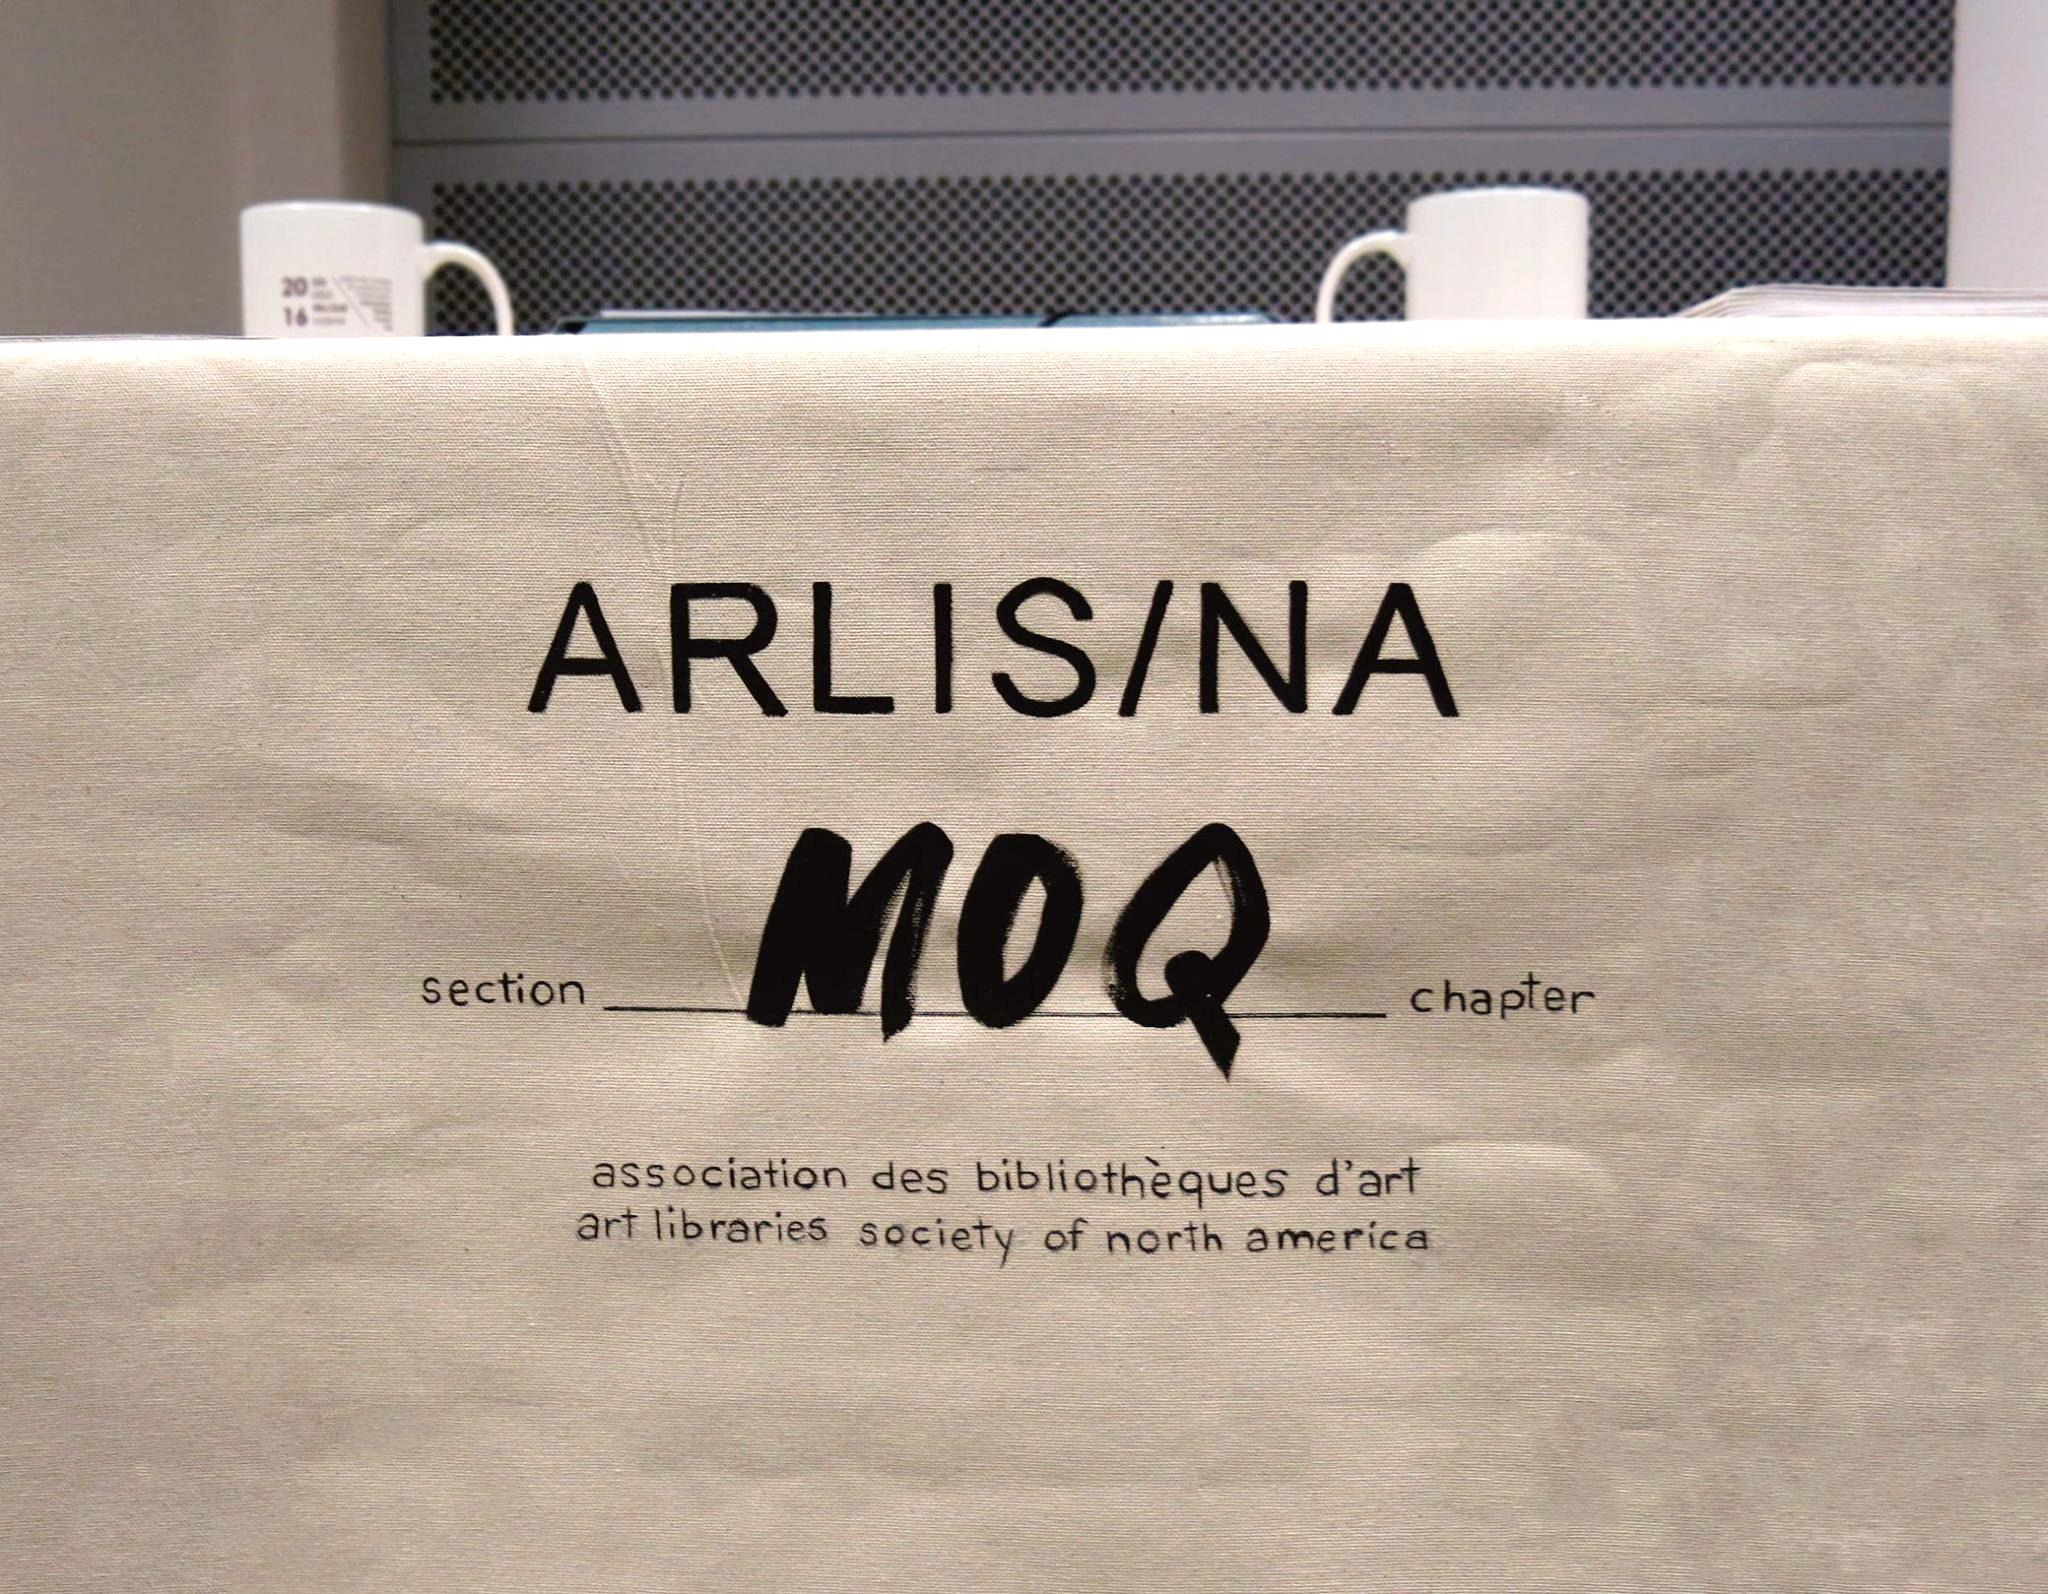 ARLIS/NA MOQ Bannière 2016